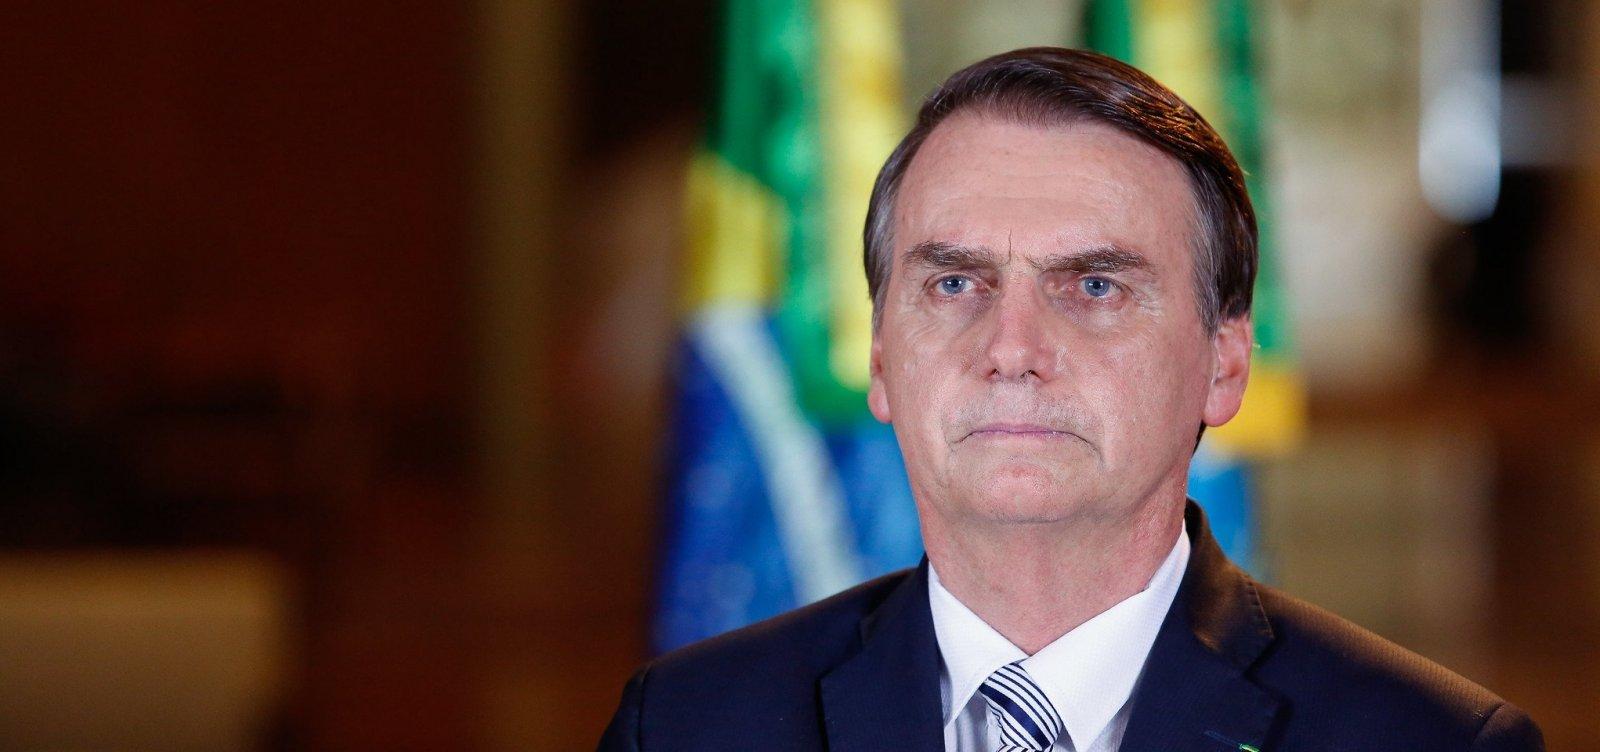 ['Fizemos nossa parte', diz Bolsonaro sobre colapso na saúde de Manaus]